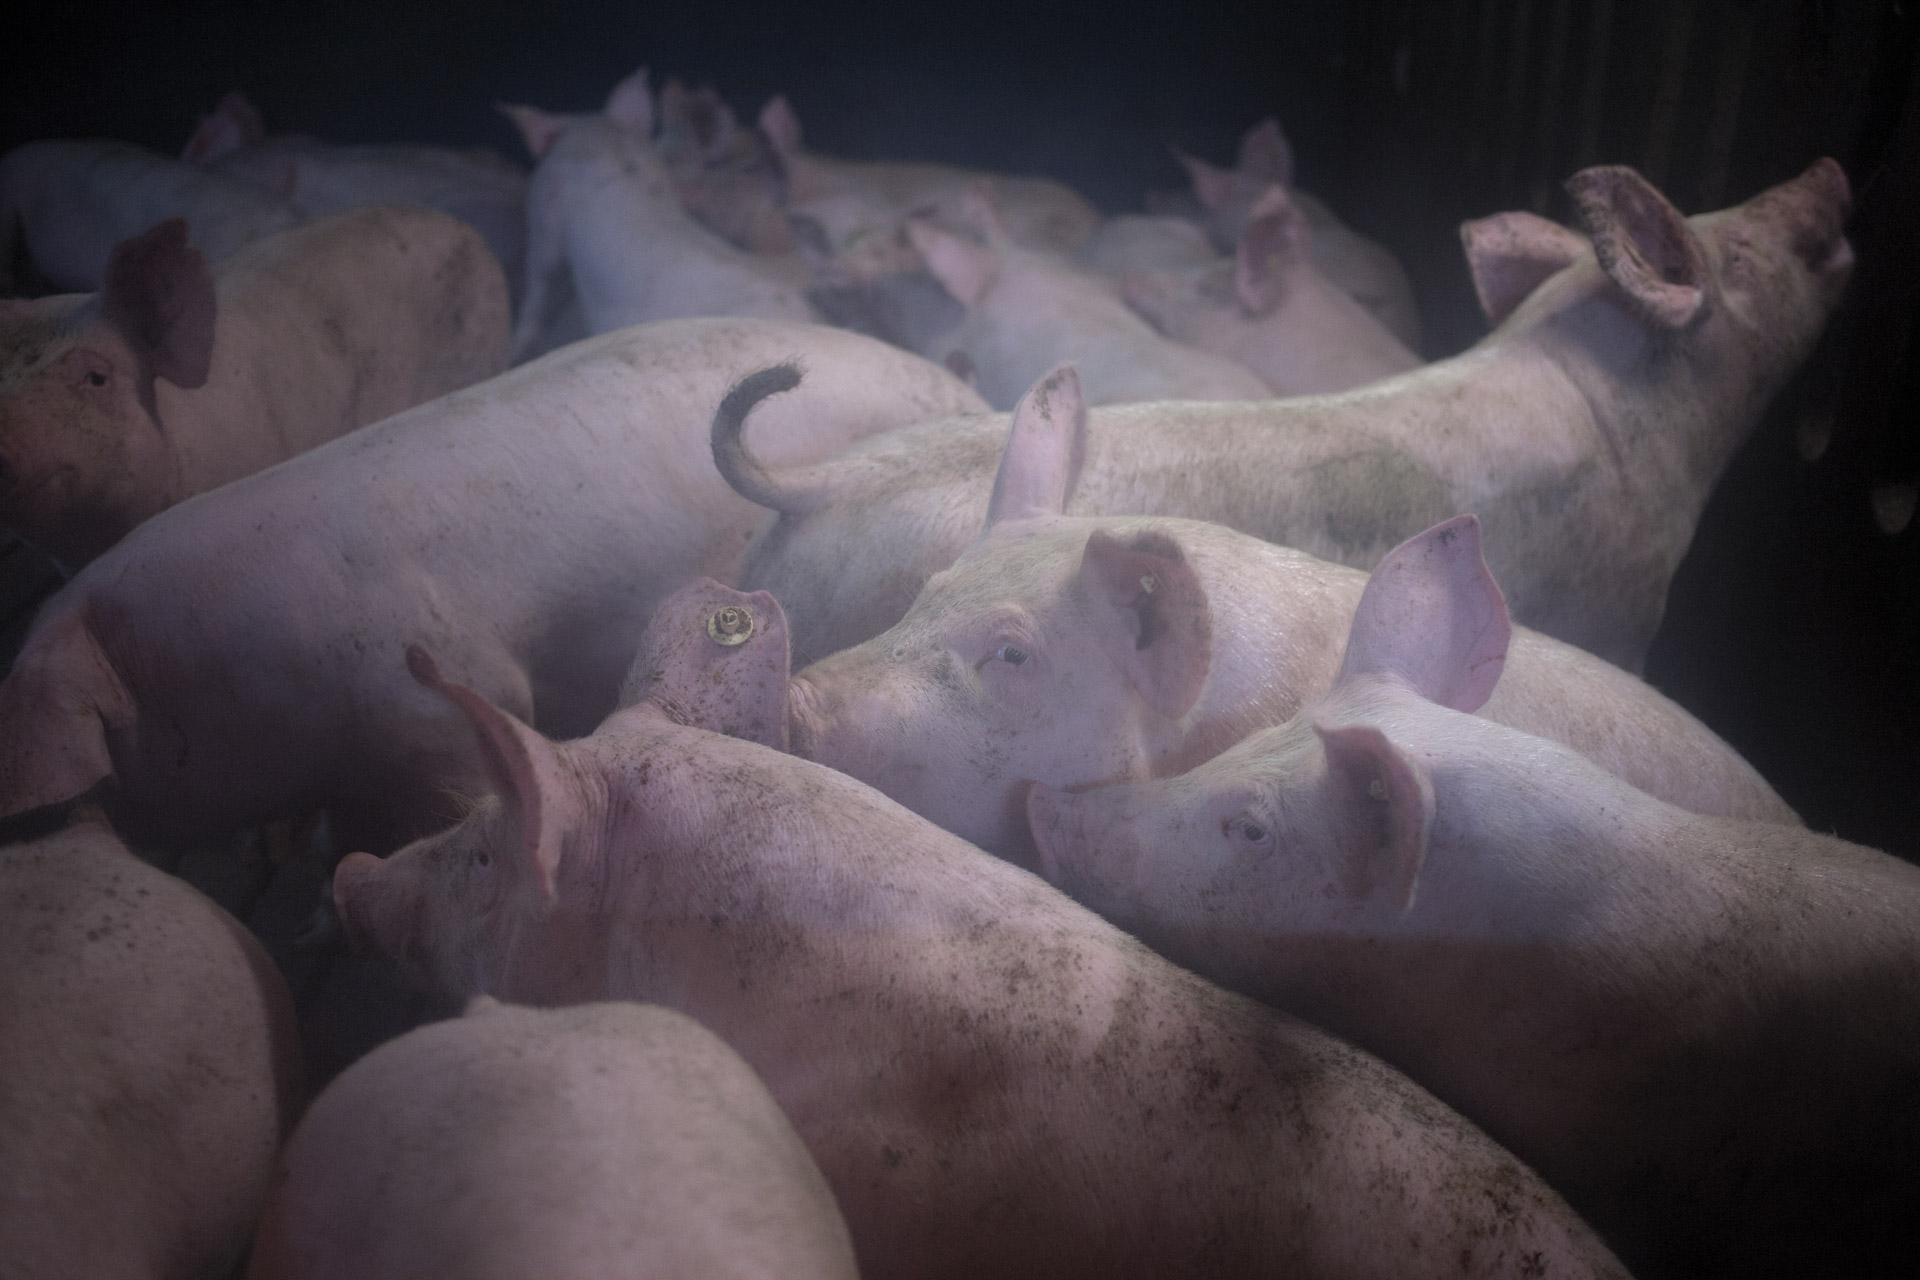 timo-stammberger-massentierhaltung-mastanlage-factory-farming-schweine-pigs-animal-rights_07